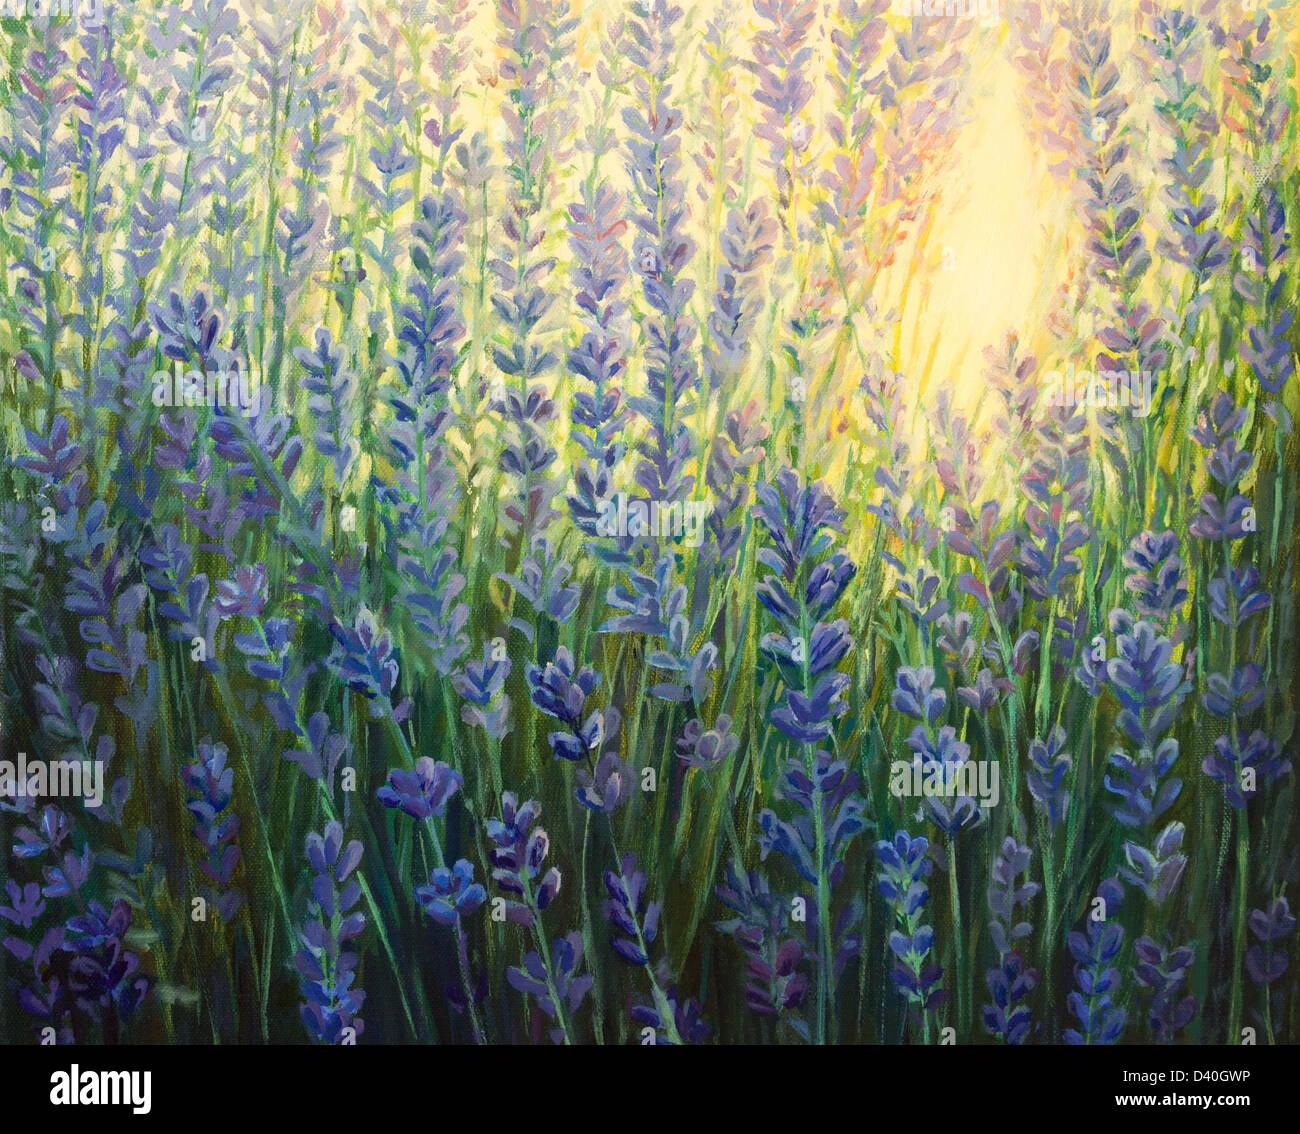 Un dipinto ad olio su tela di un viola lavanda fioritura bush negli ultimi raggi del sole al tramonto. Immagini Stock